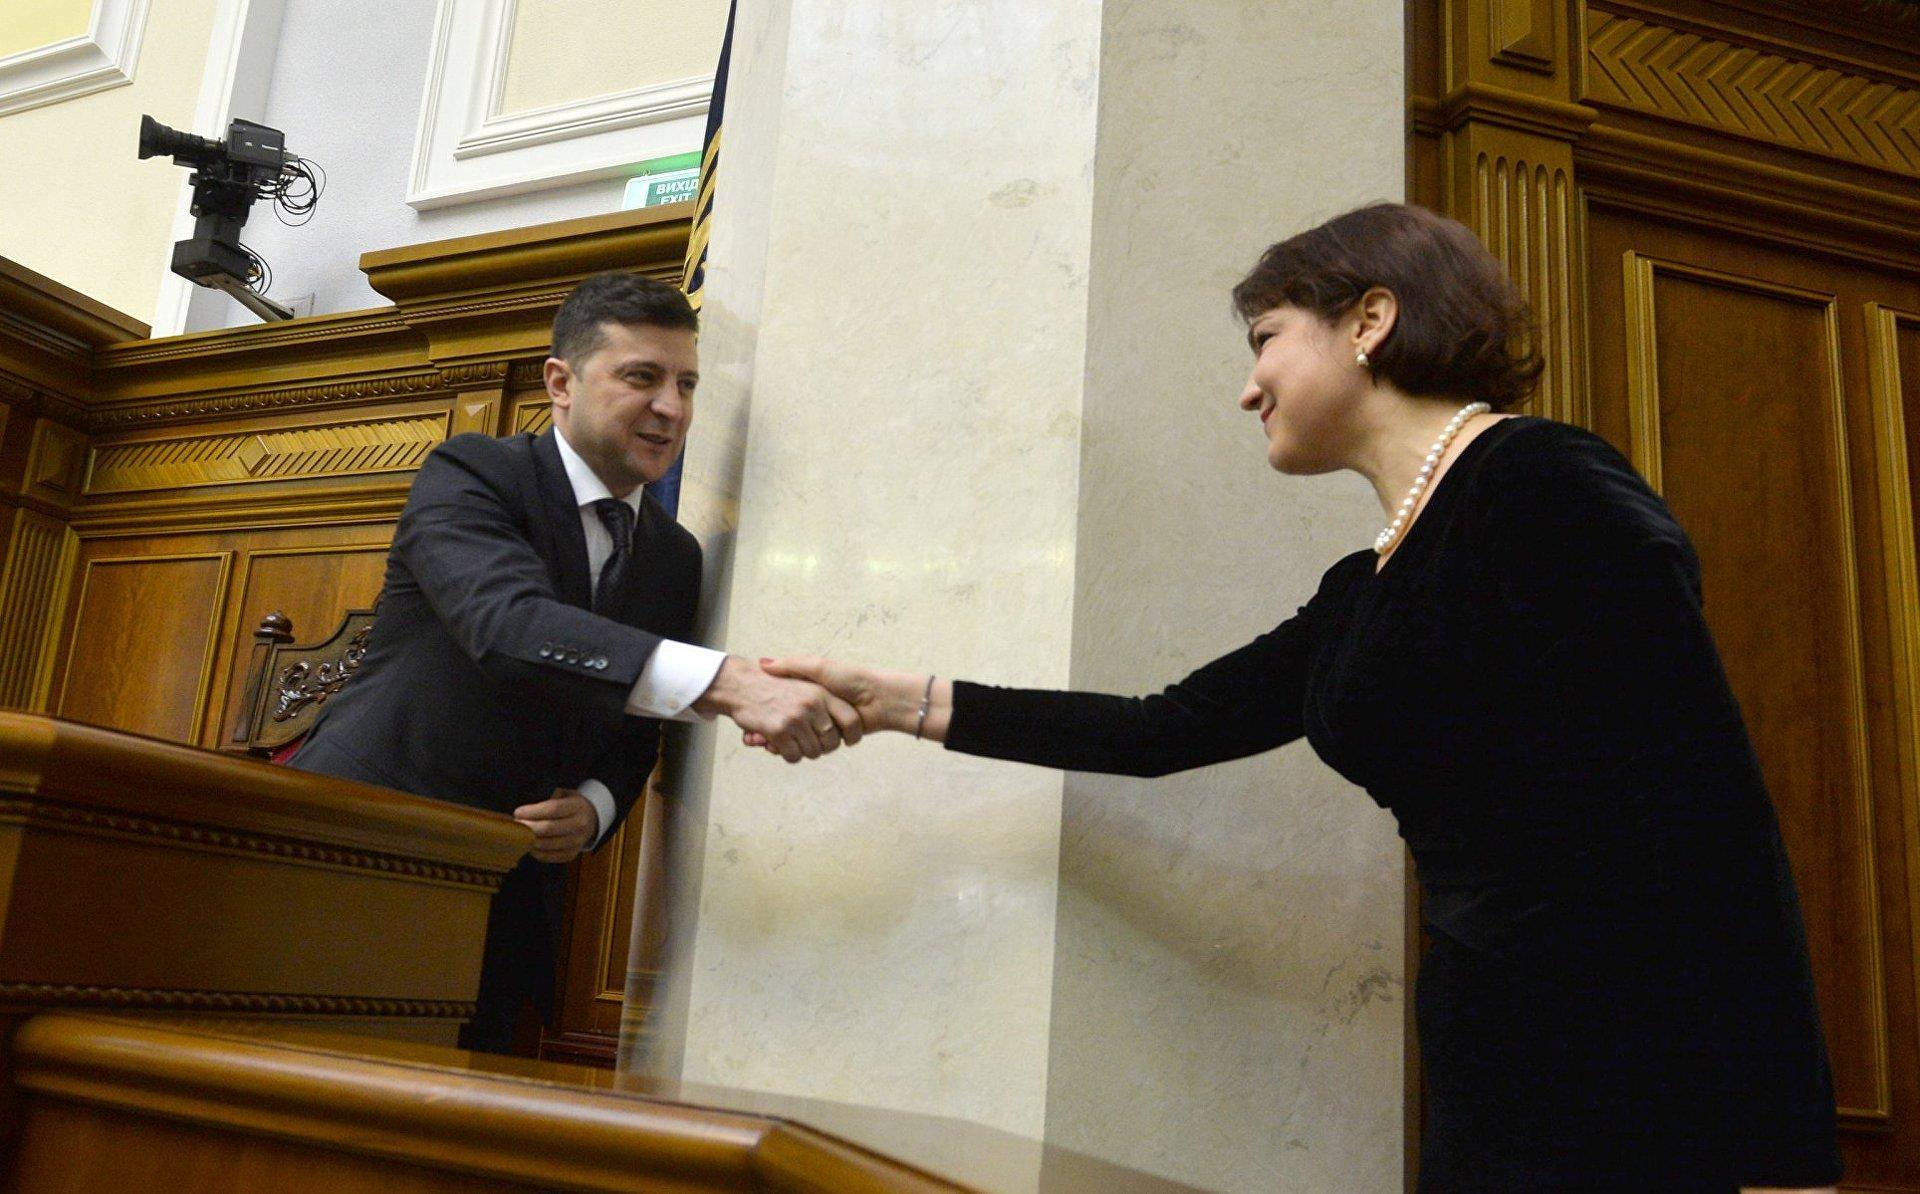 фото — Президент Зеленский и Венедиктова